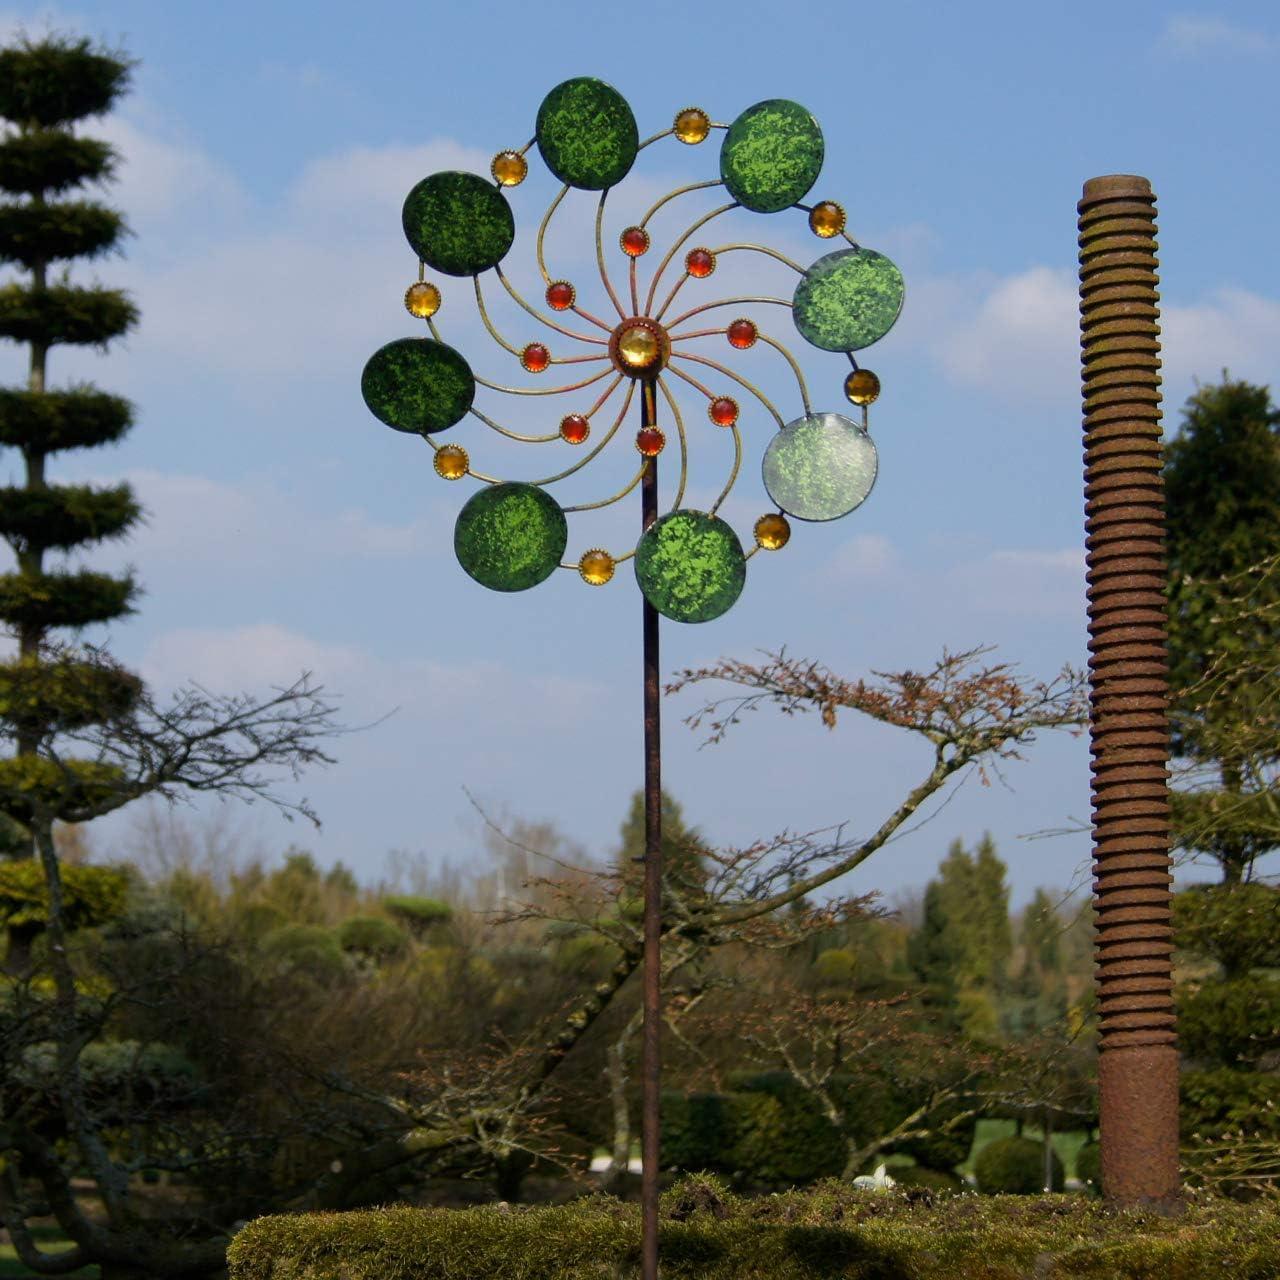 Wetterfest inkl CIM Metall Windrad Ø34cm leichtgängig drehend Exotic Flower Samoa Gesamthöhe: 122cm 3-teiligem Standstab Colours in Motion mit Kugellager